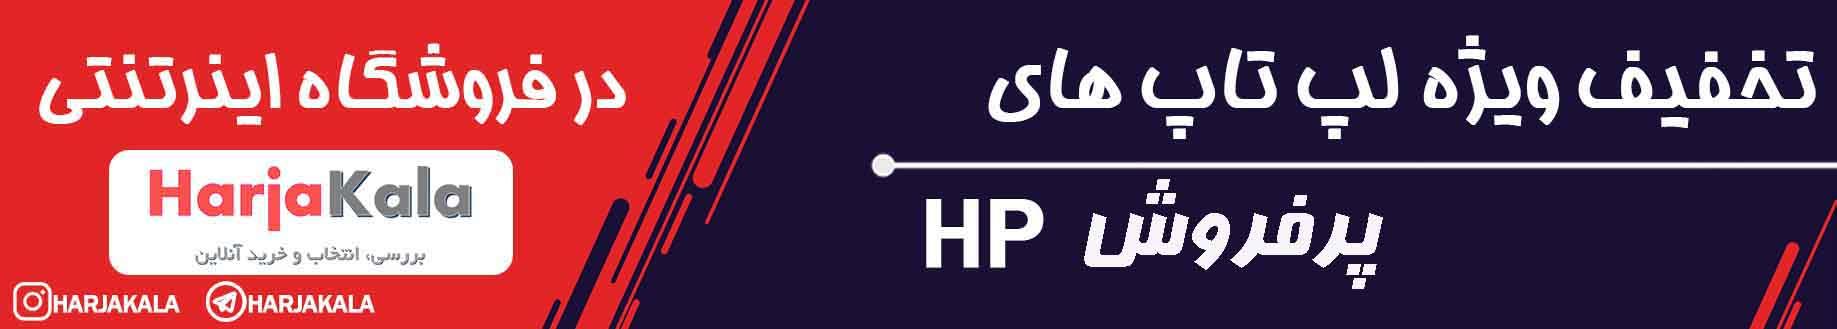 تخفیف ویژه لپ تاپ پرفروش hp